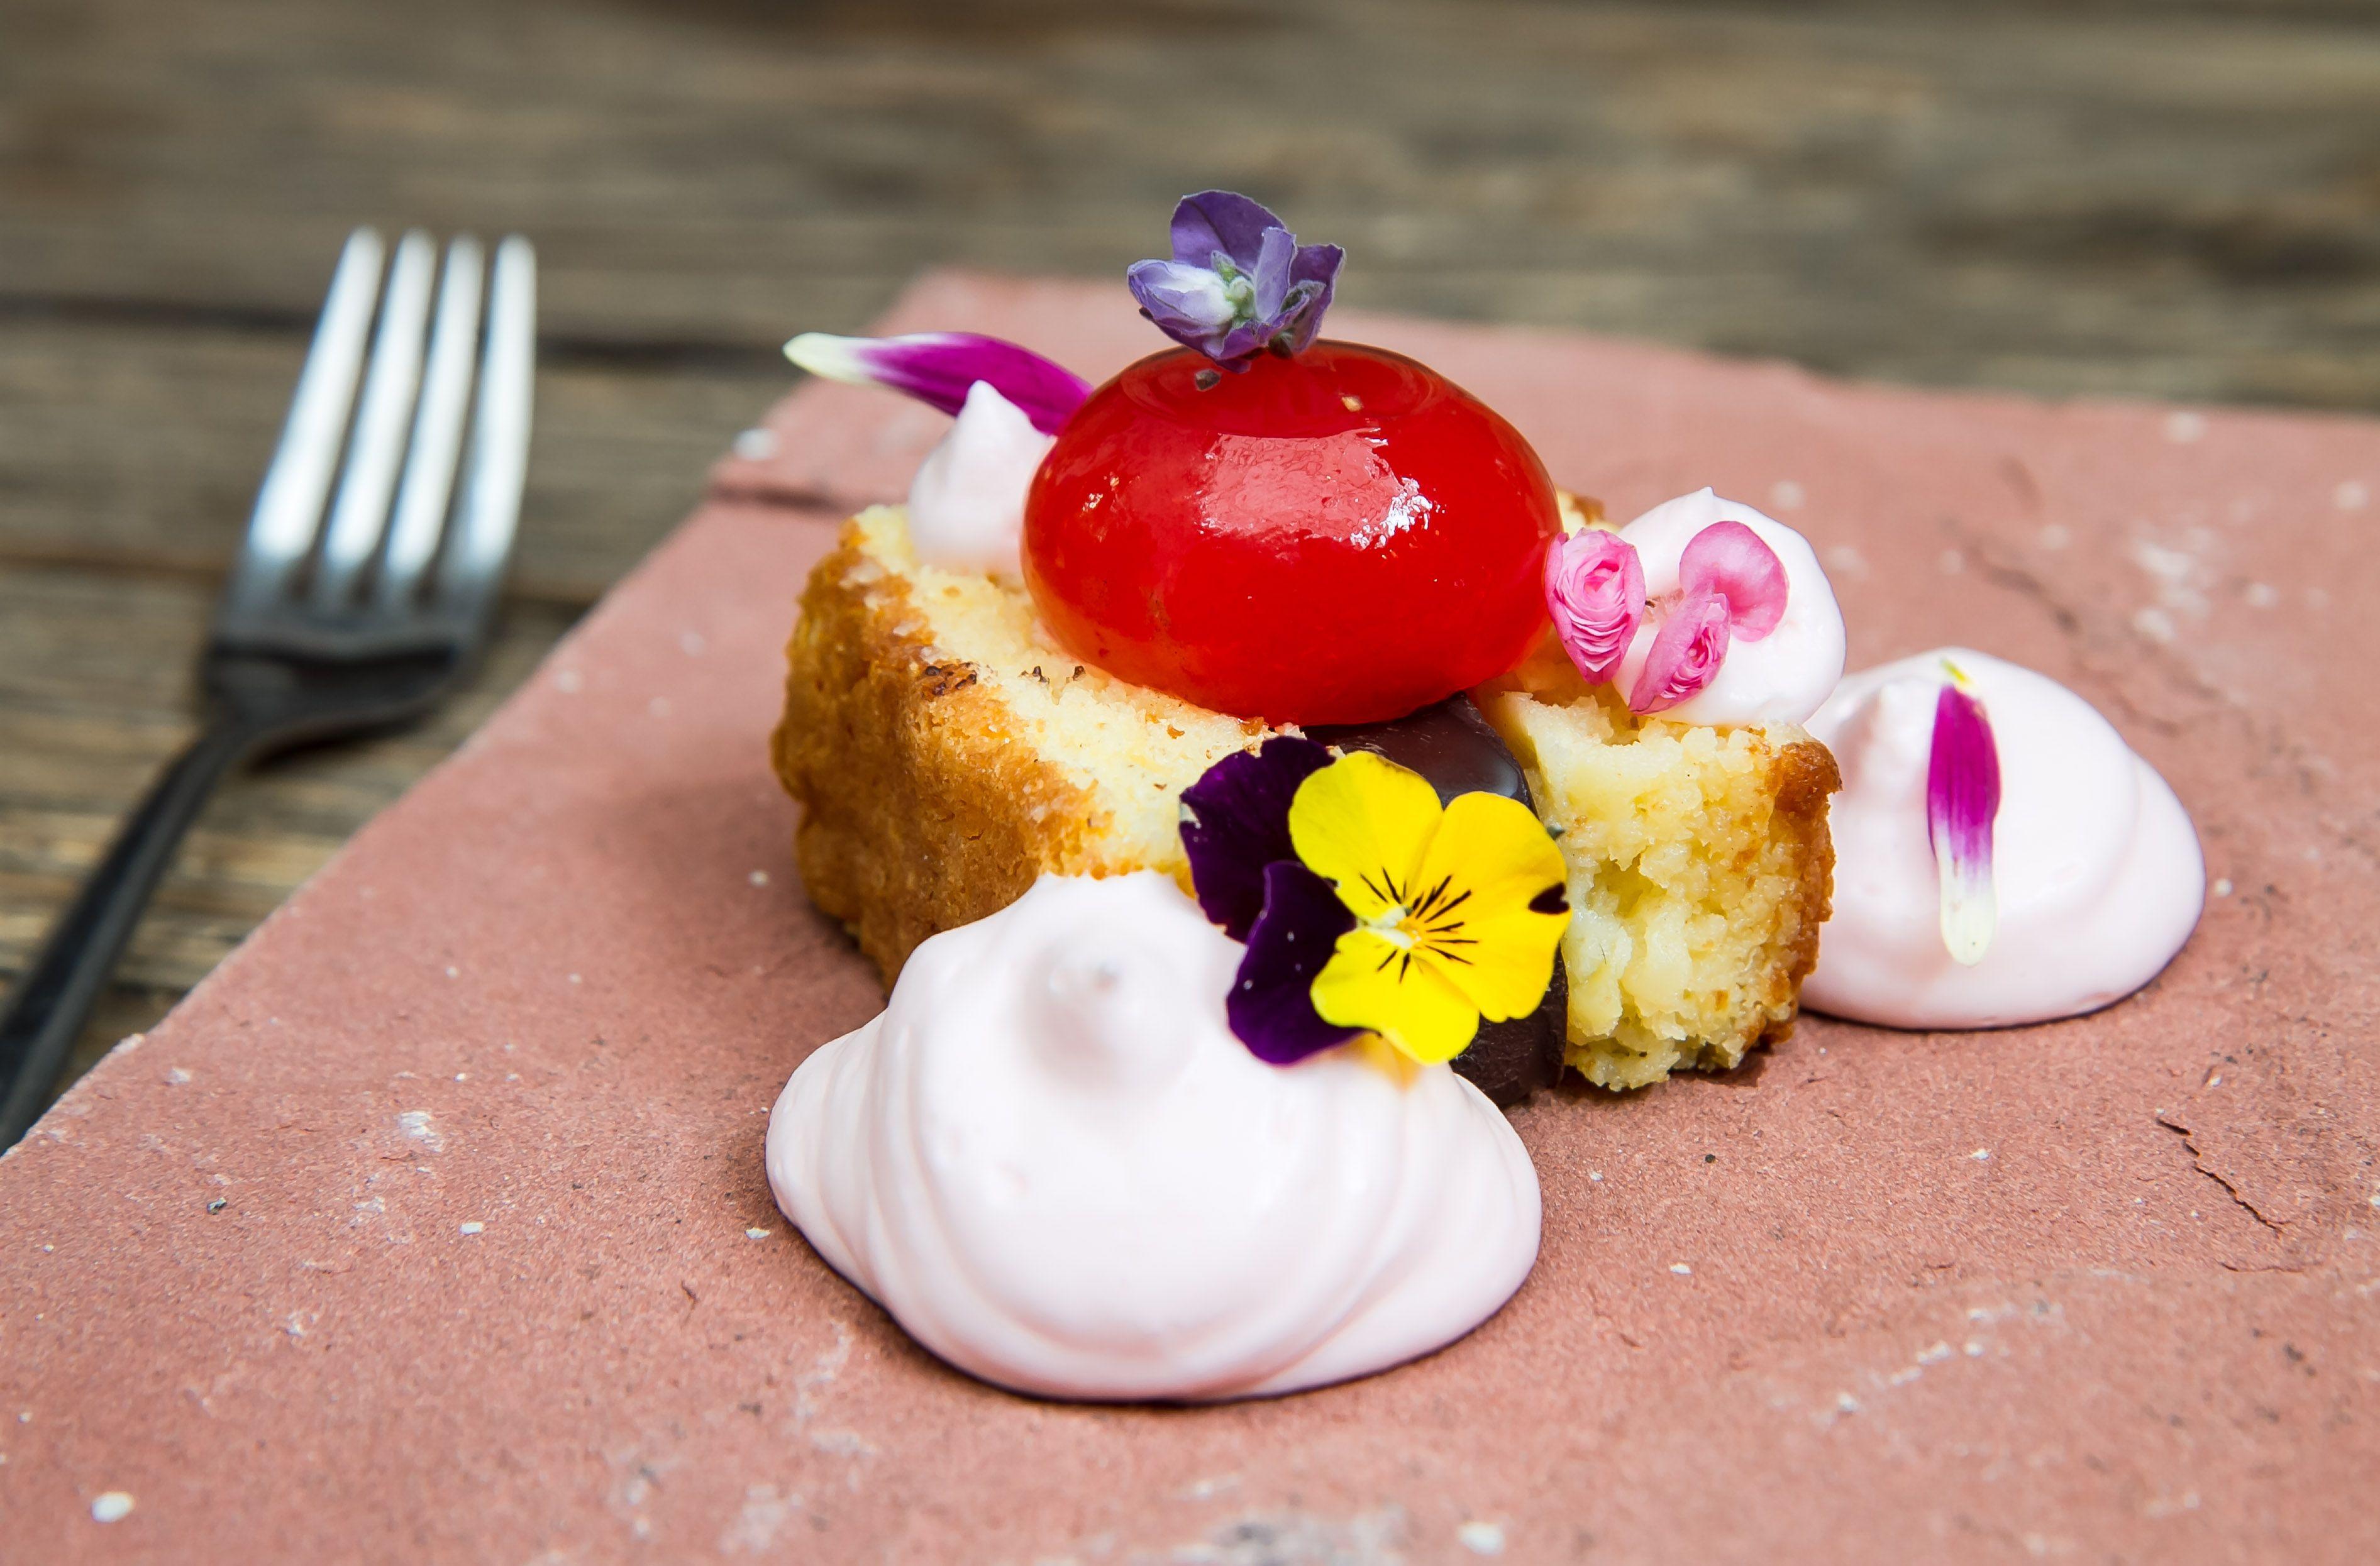 El bizcocho de chocolate blanco con elote tierno que el restaurante Limosneros dará como cortesía a las mamás este 10 de mayo.